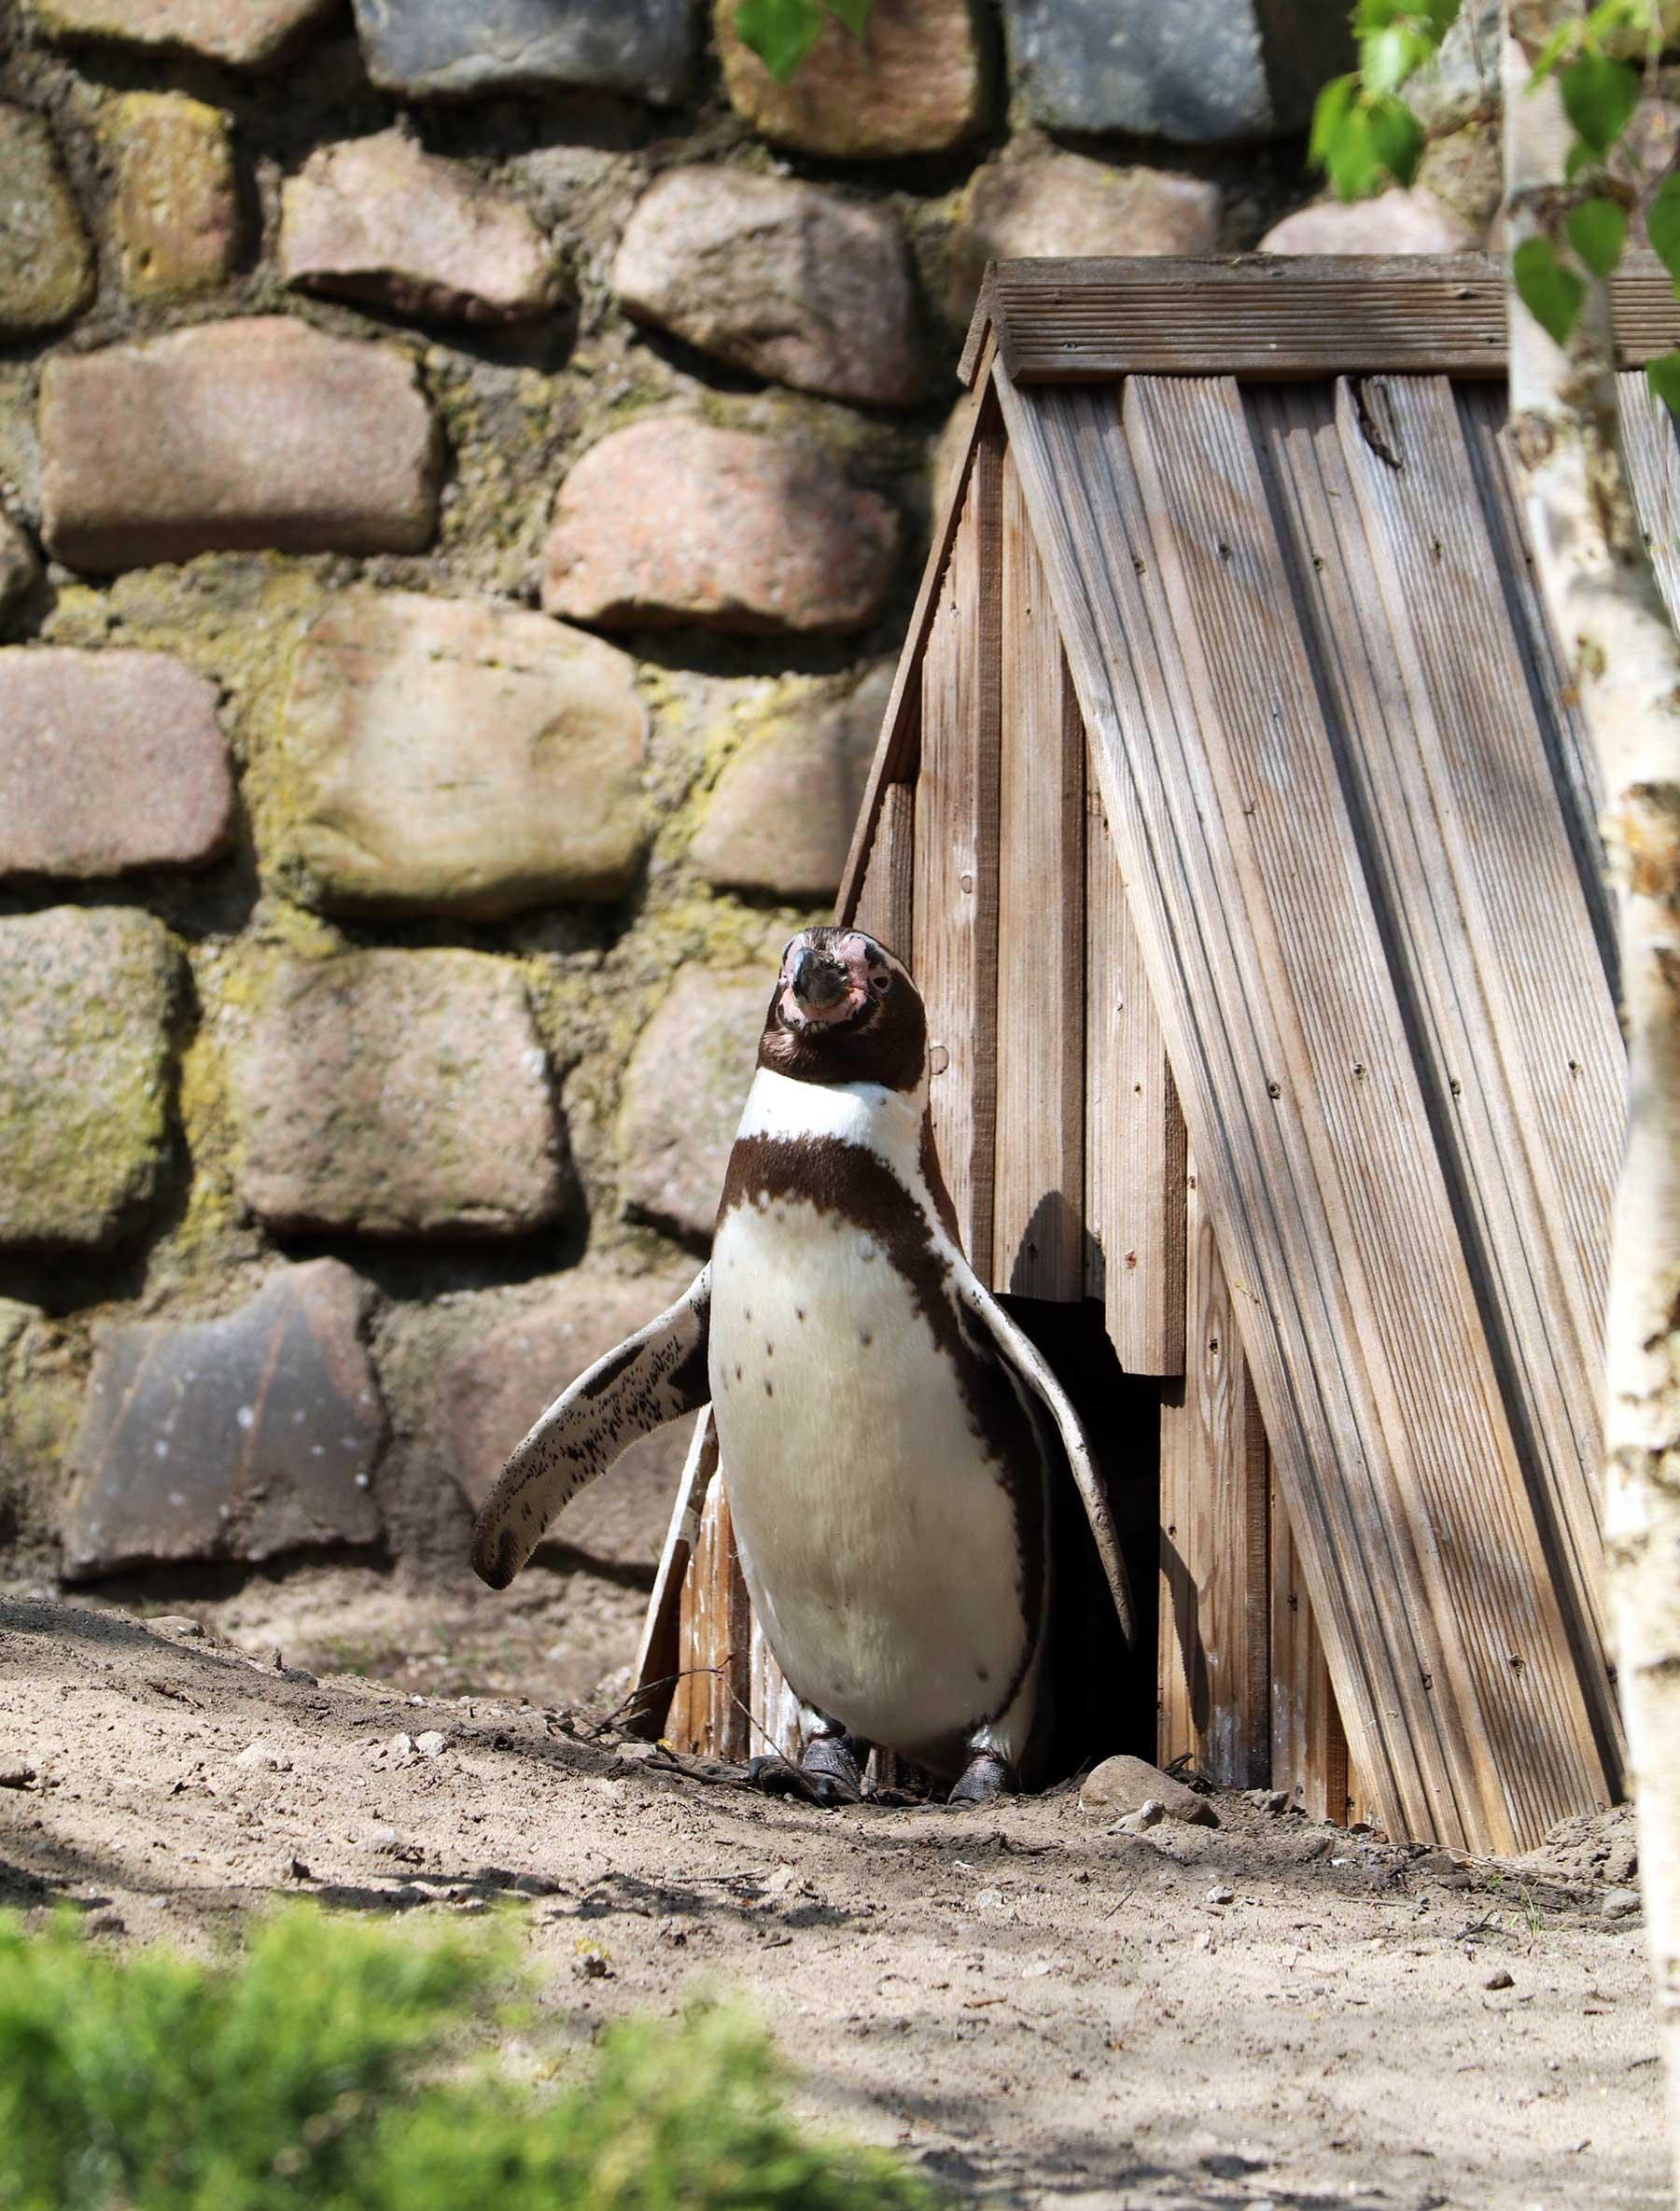 Bilder vom Besuch im Zoologischen Garten Eberswalde Zoologischer-garten-eberswalde-Besuch_06